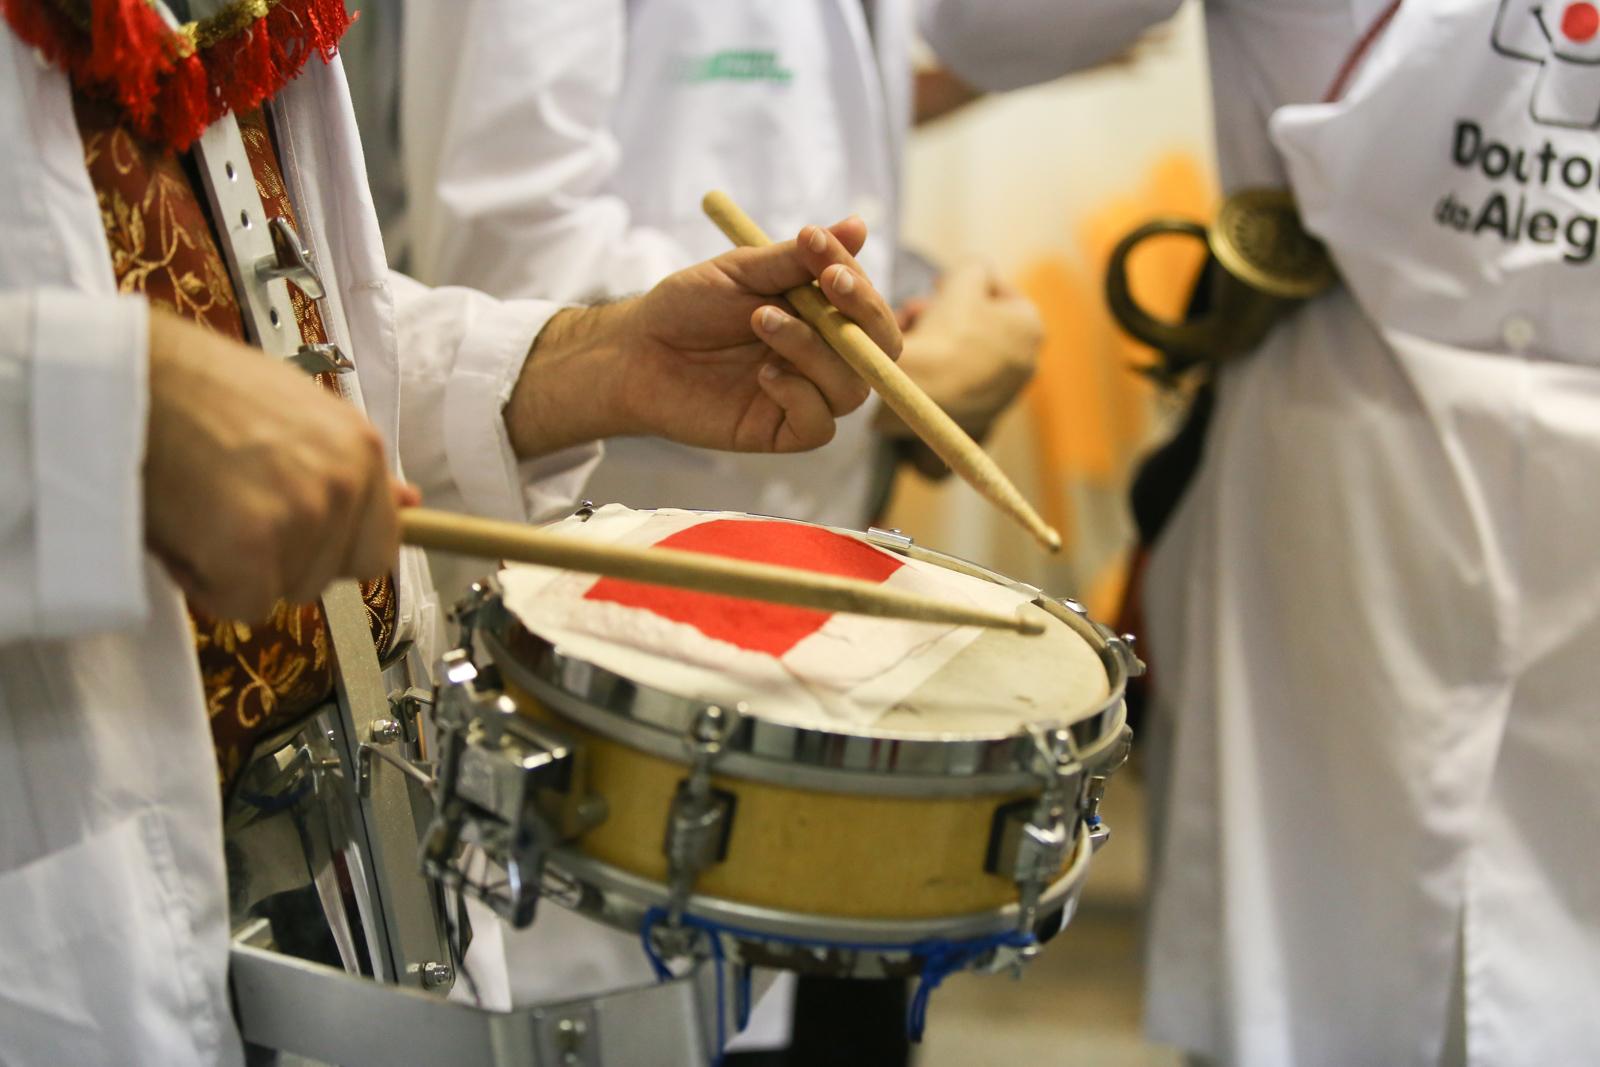 Doutores da Alegria leva blocos de carnaval a dezenove hospitais públicos